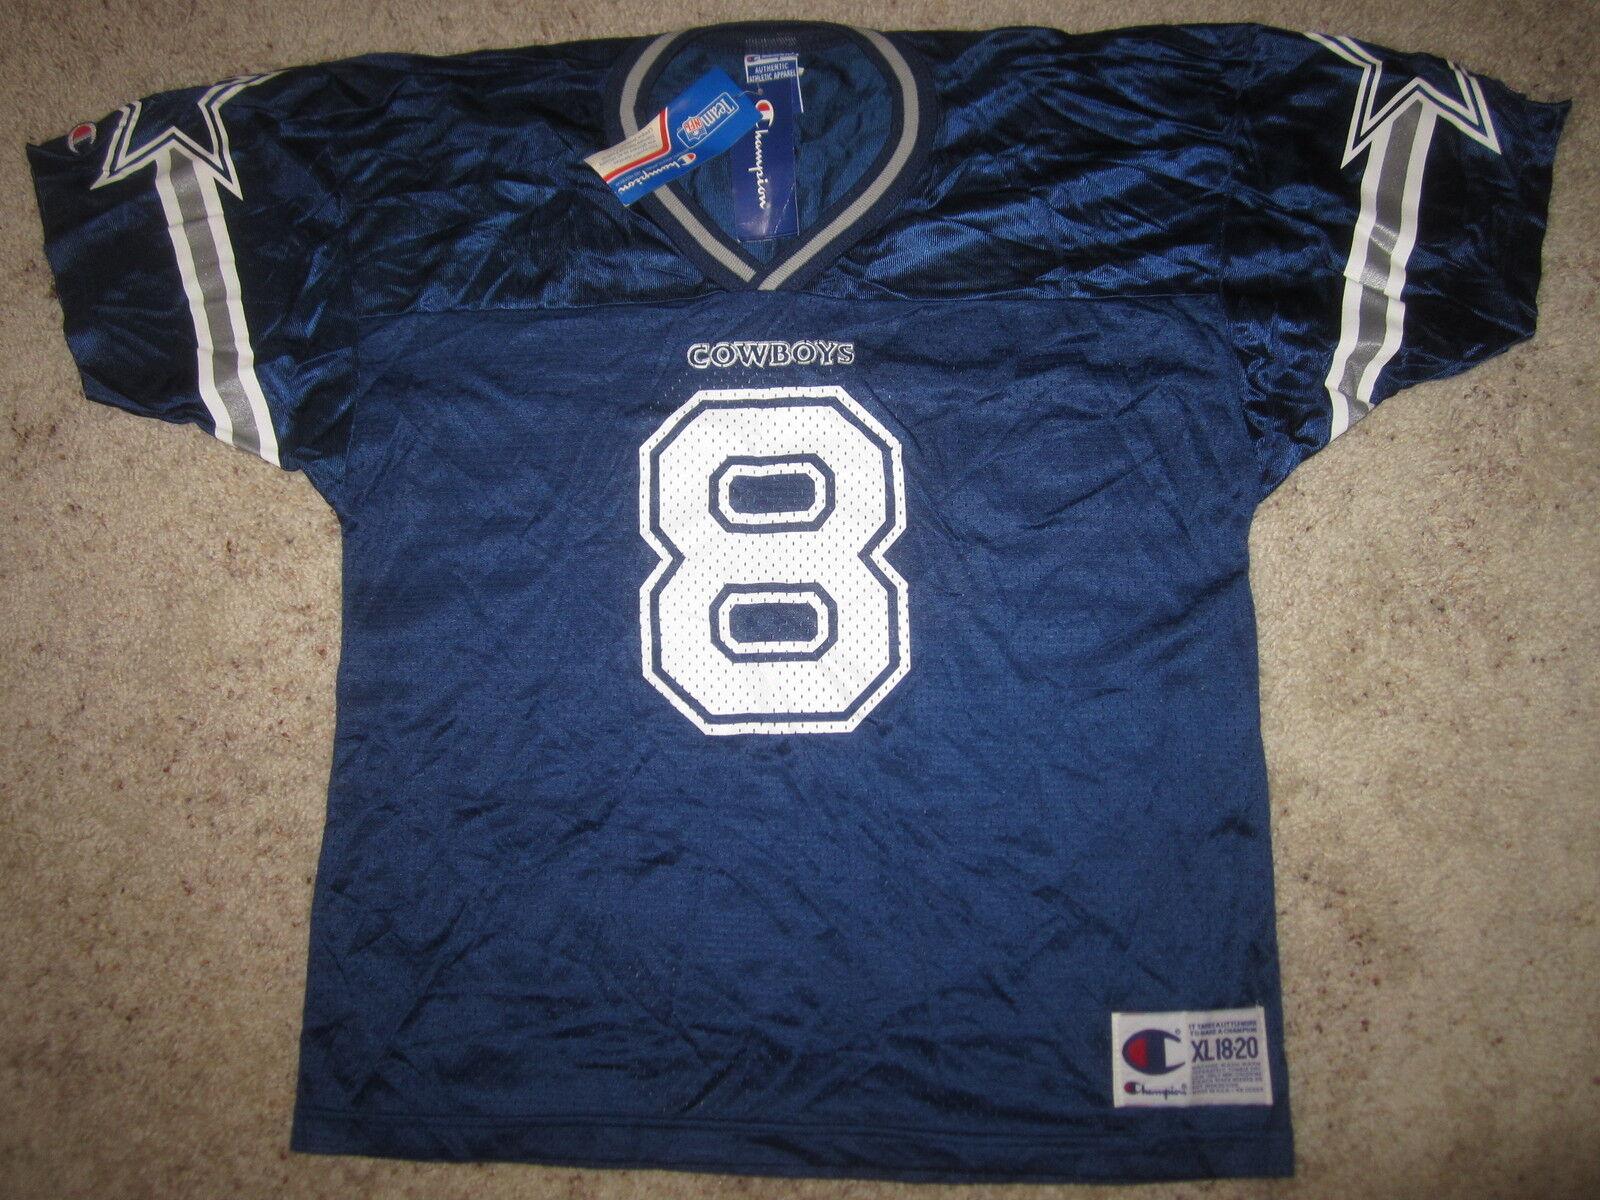 Troy Aikman Dallas Cowboys NFL Campeón Camiseta Youth XL 18-20 Nuevo Nwt